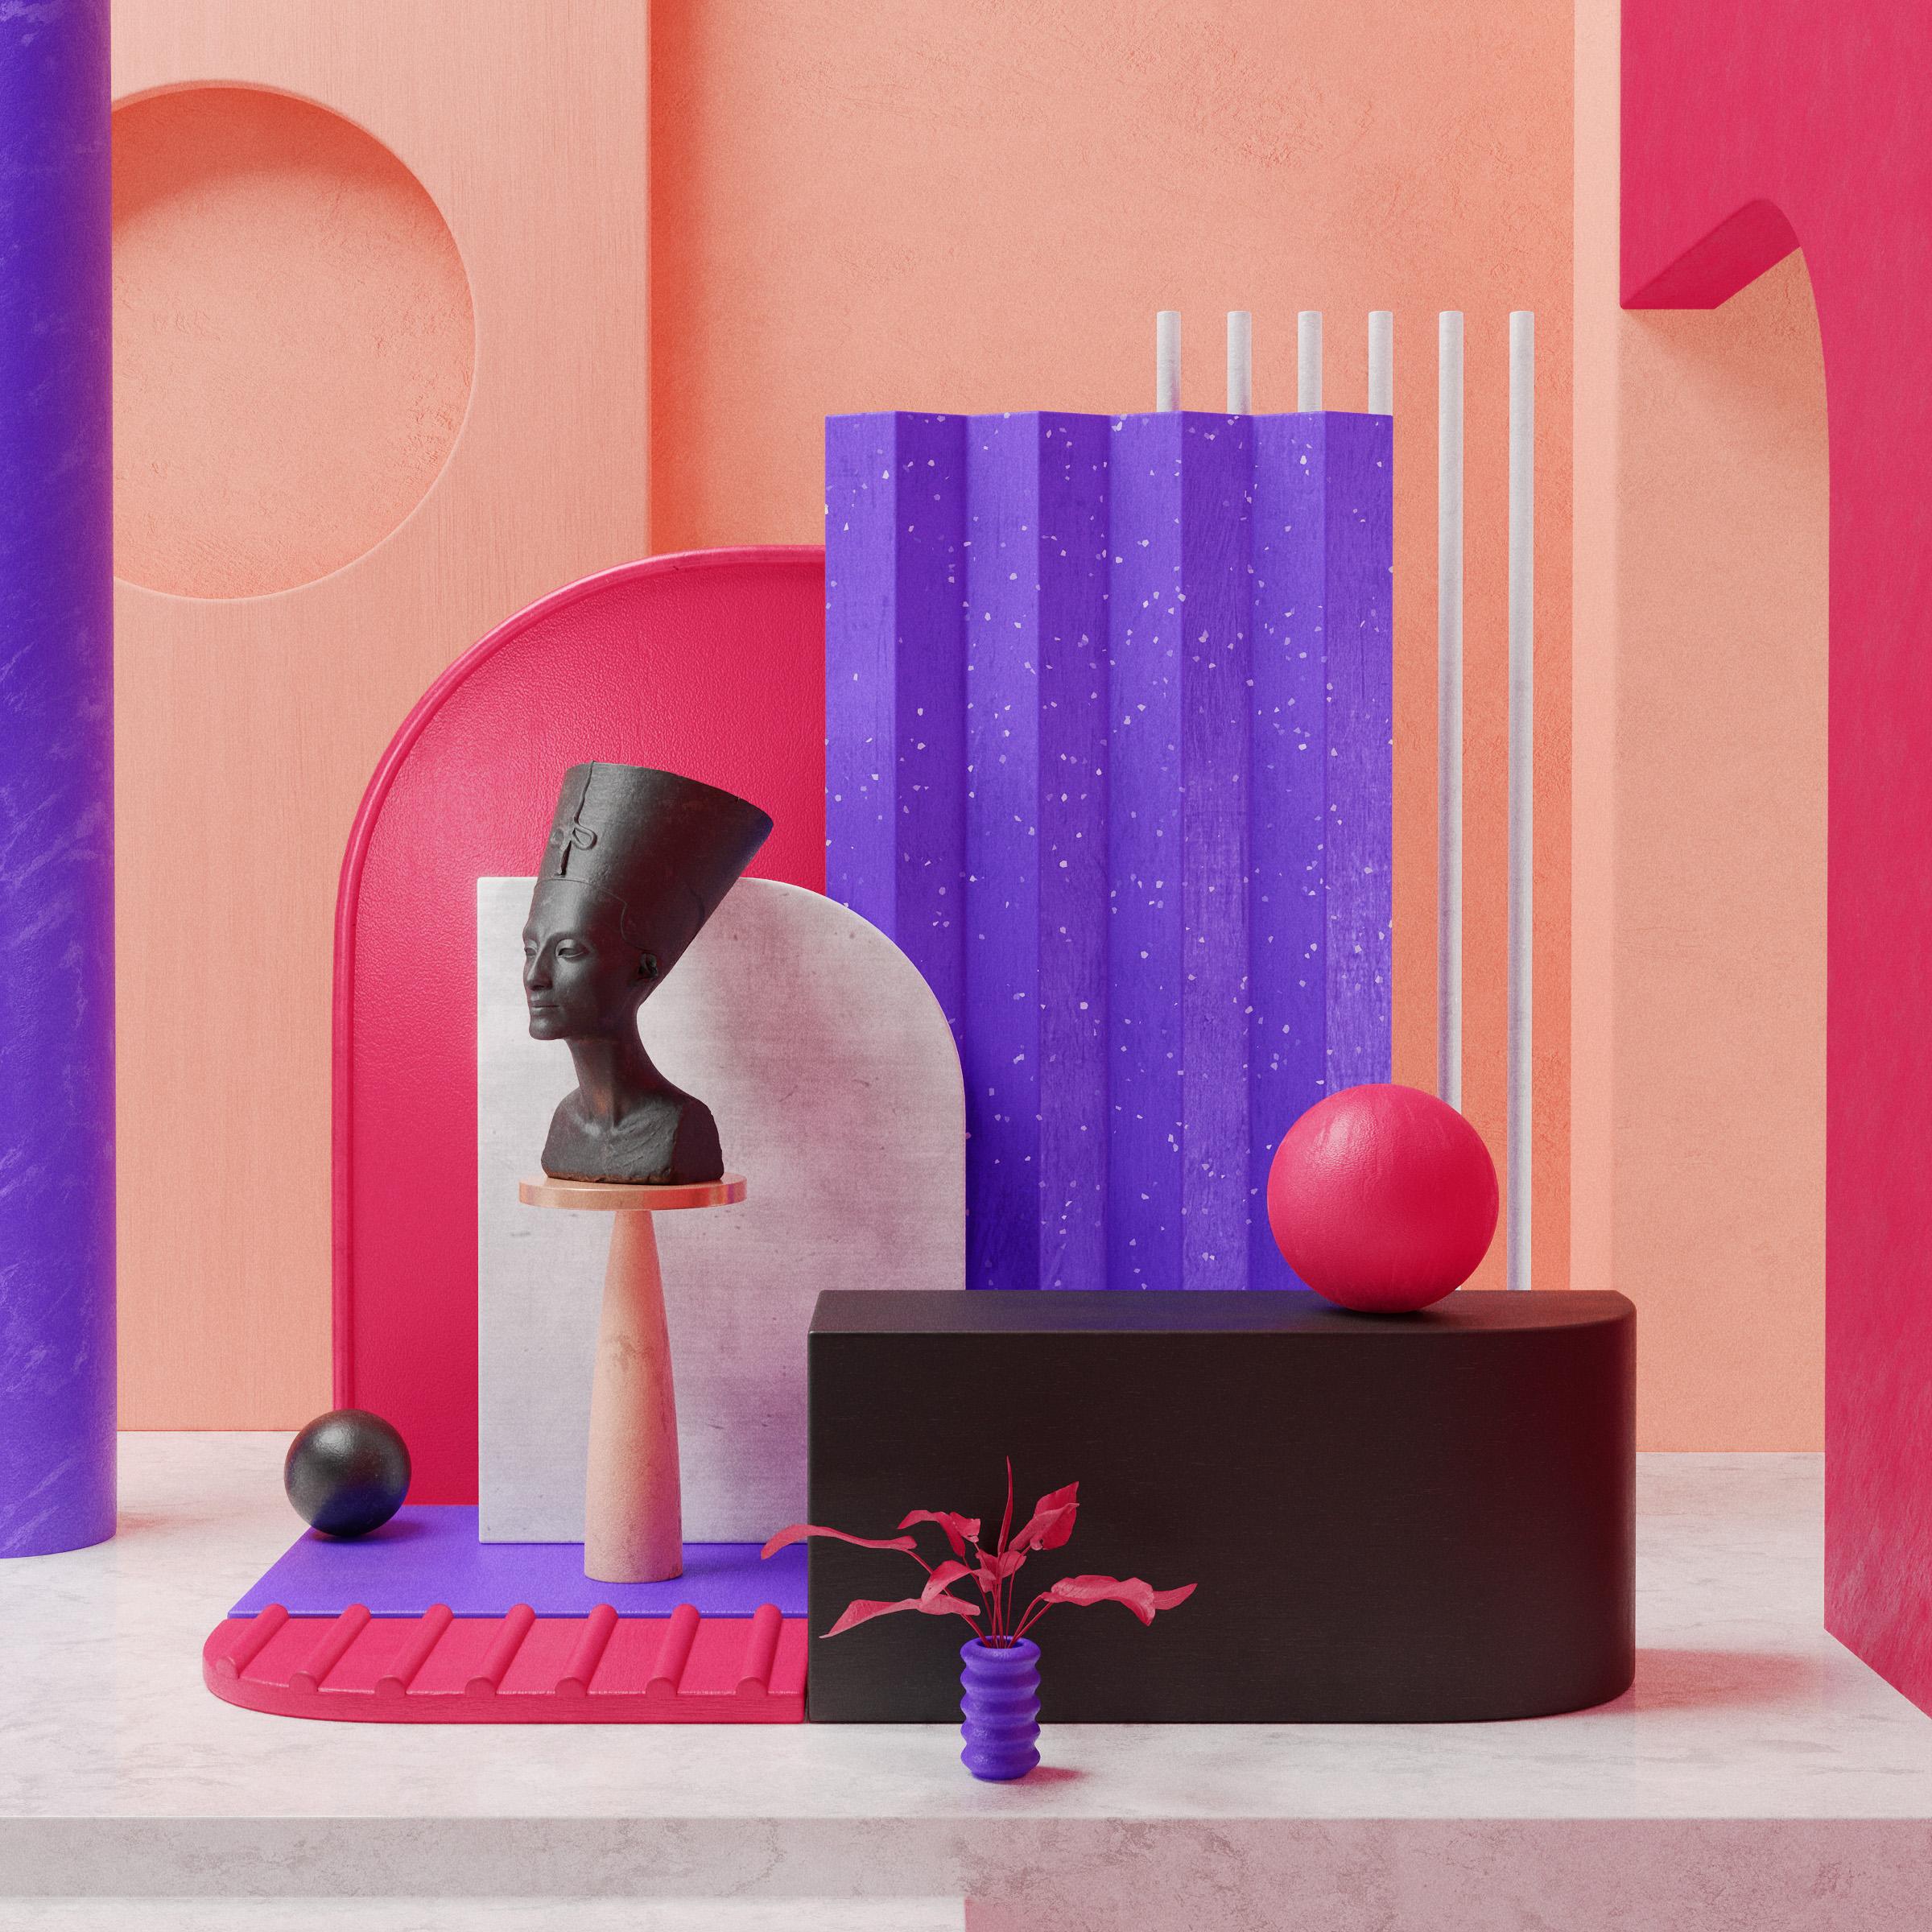 purplerose_7